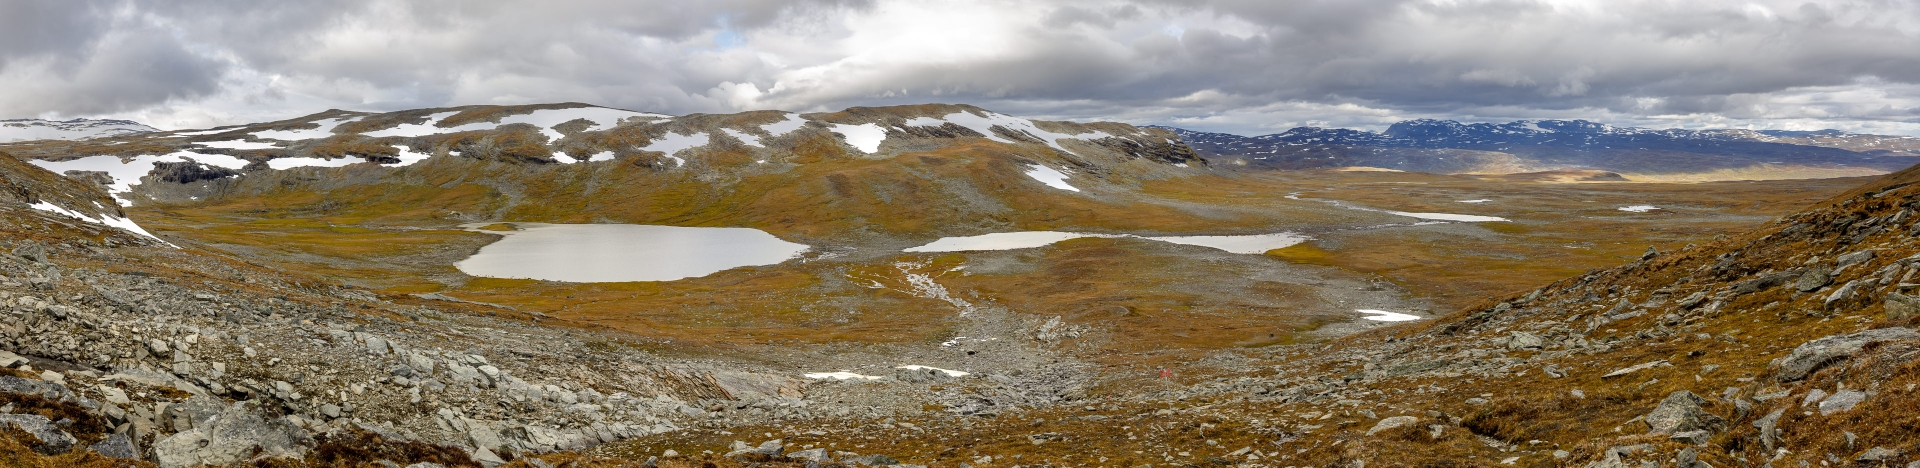 Traumhafter Ausblick vom Pass auf unseren weiteren Weg über das Plateau